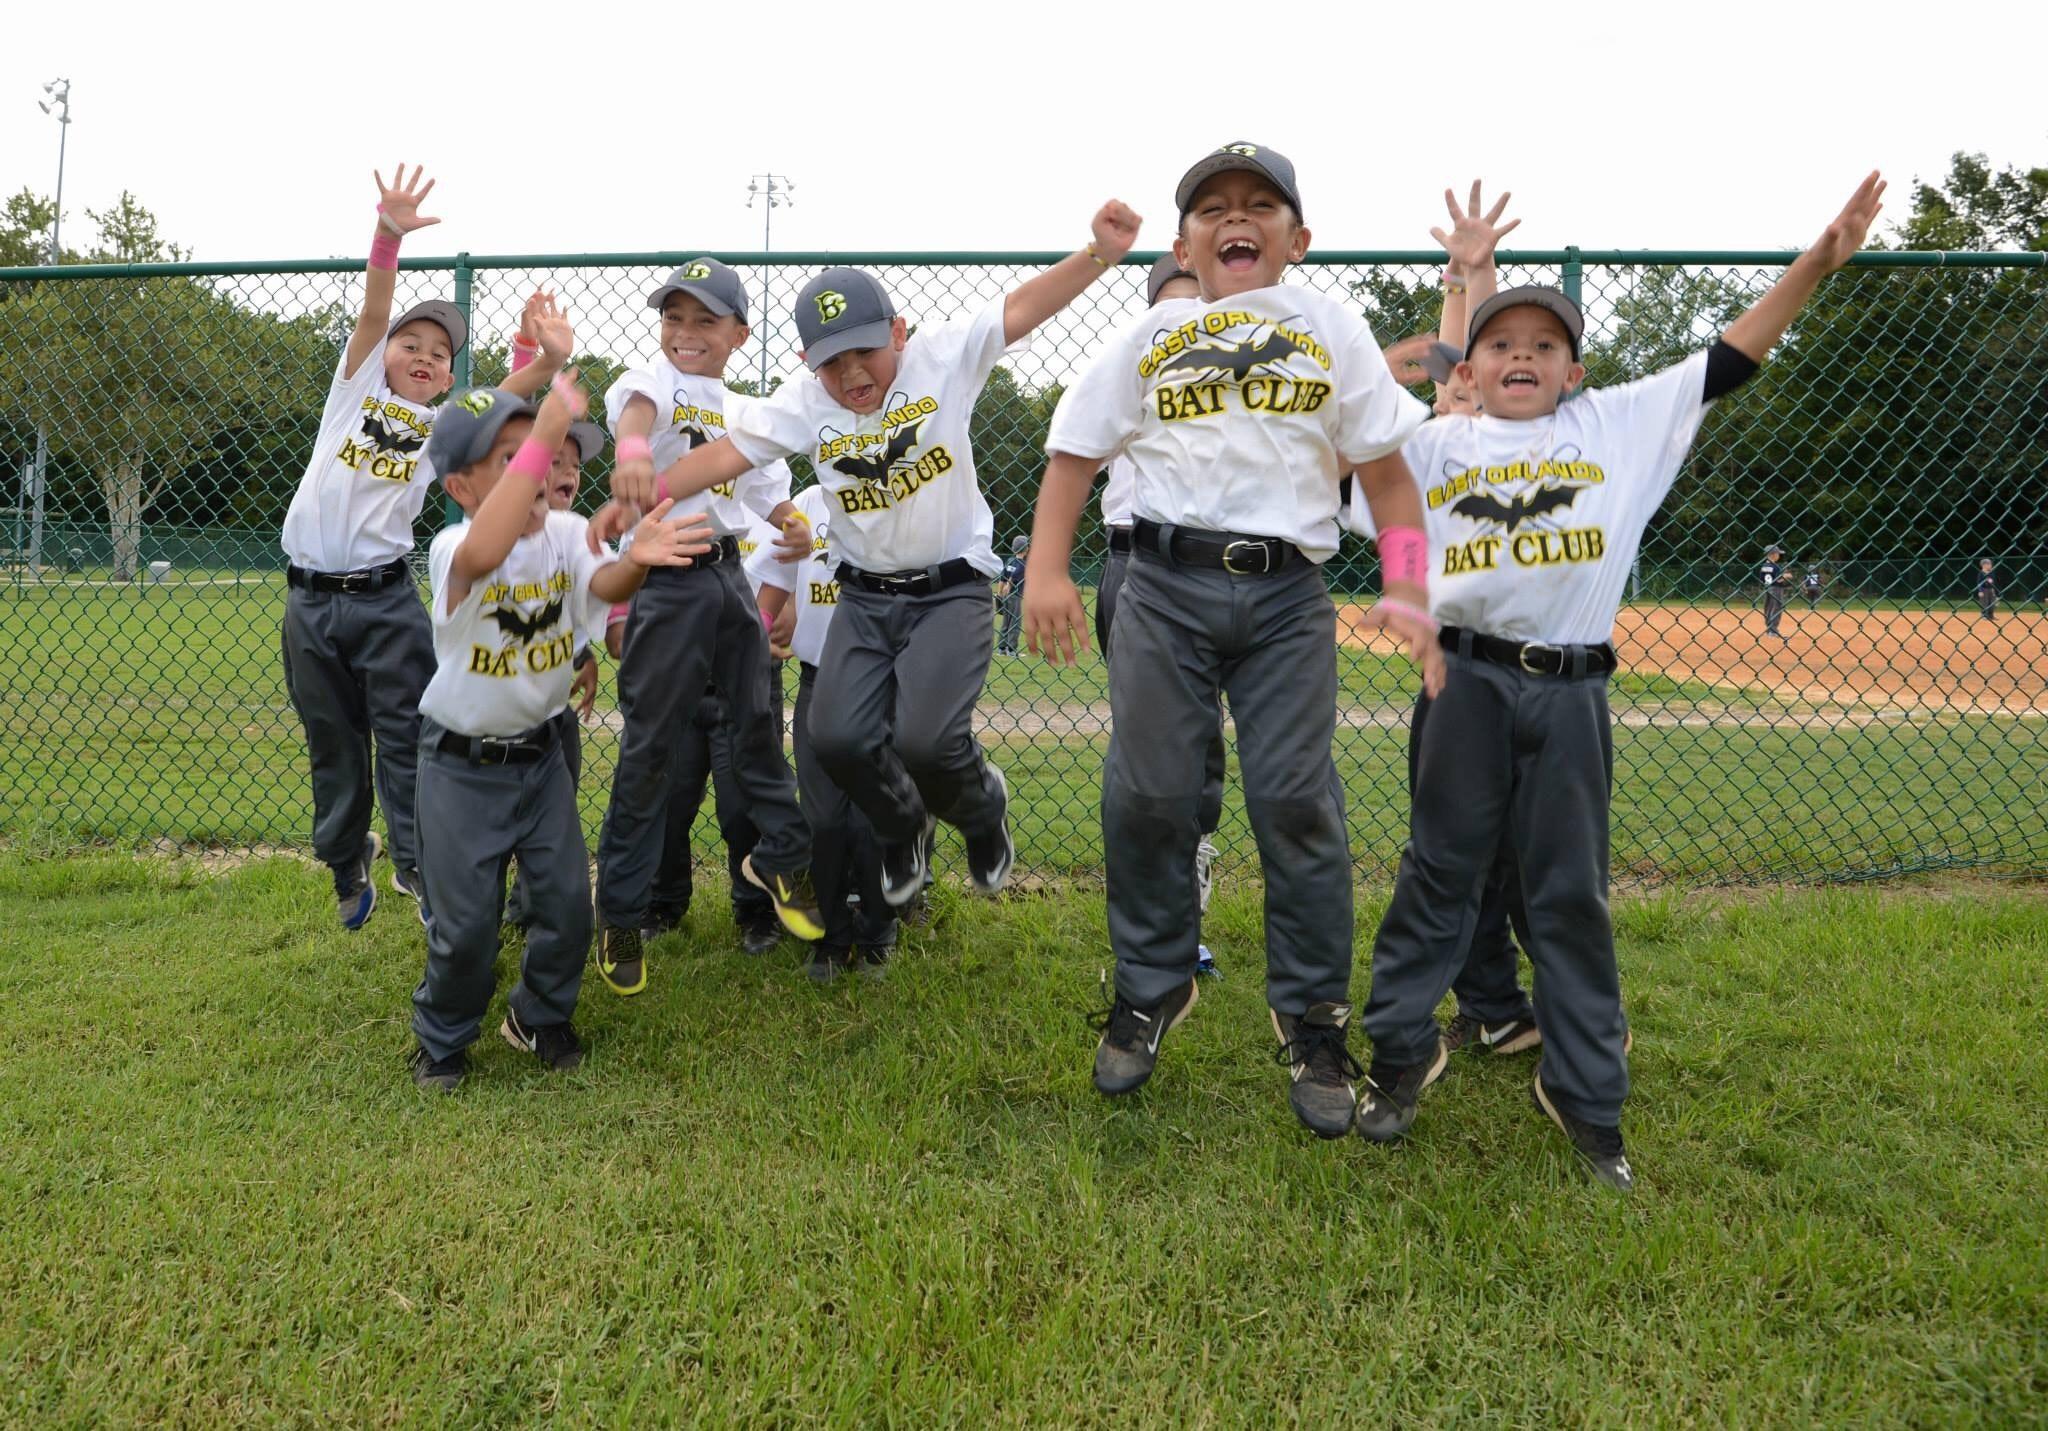 East Orlando Bat Club field rental fund